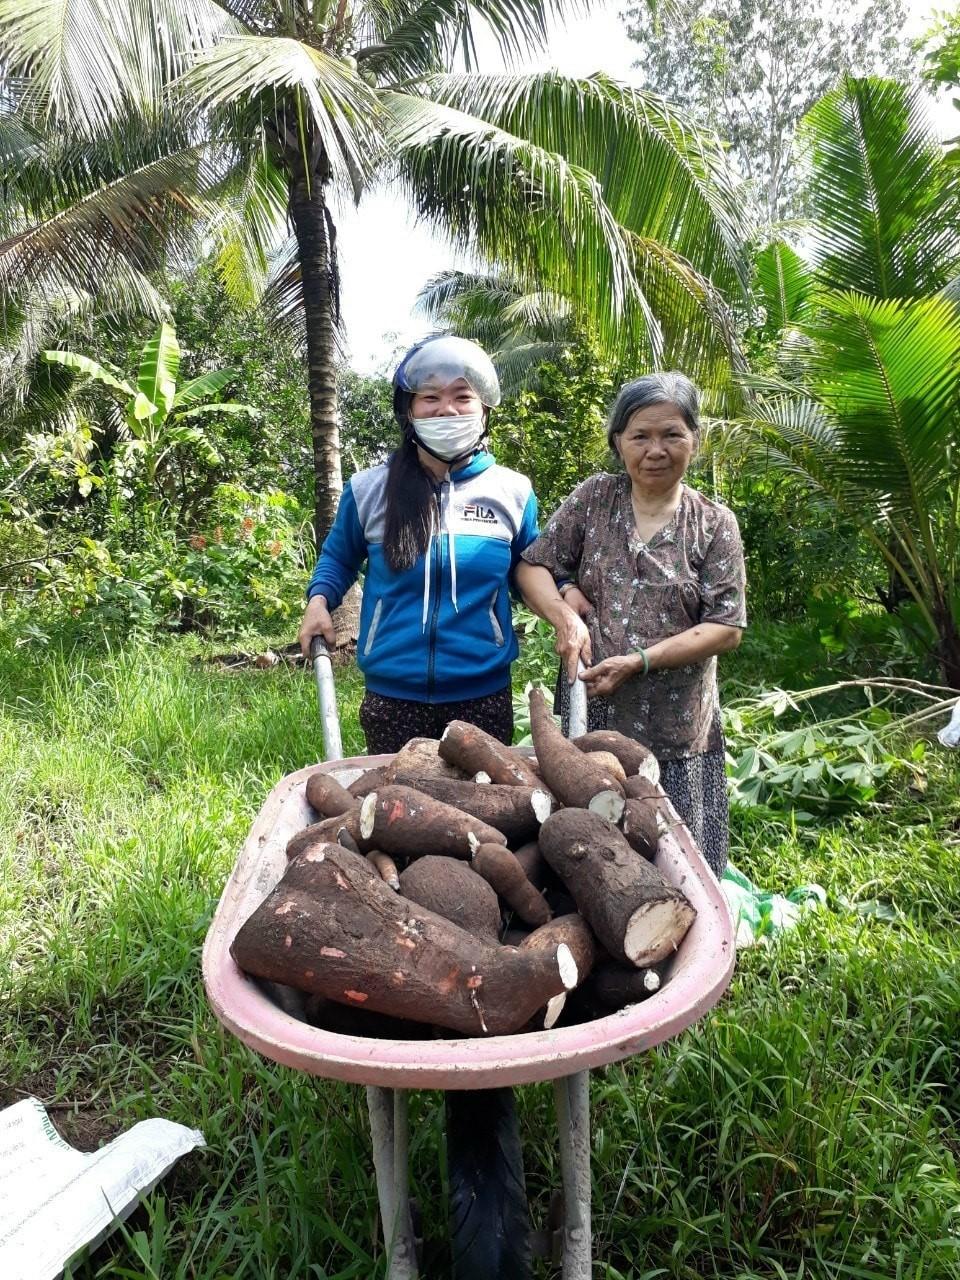 Từ củ khoai mì, mớ rau muống, đọt nhãn lồng,... cũng được hội viên, phụ nữ các miền quê gom góp để chia sẻ khó khăn với người dân TP. HCM